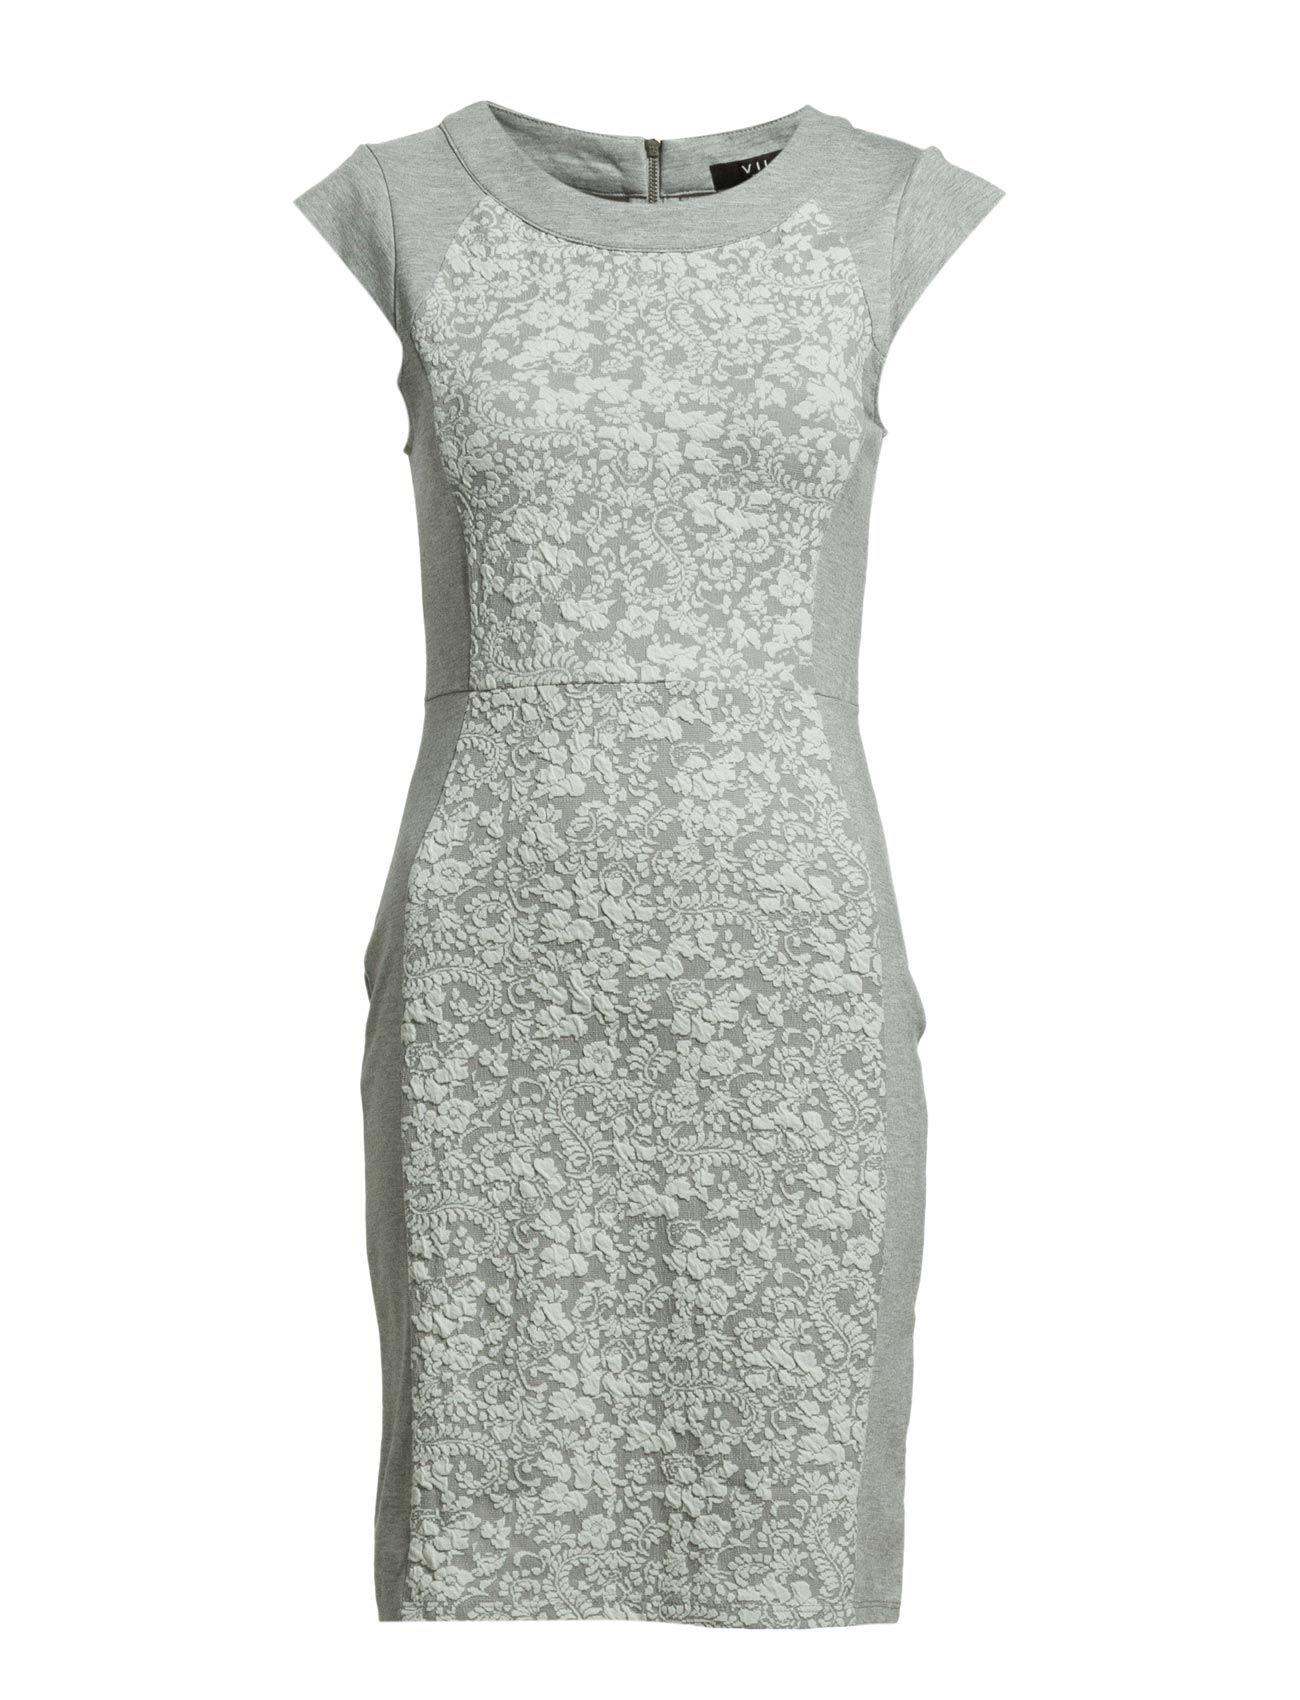 Gracan Jersey Dress